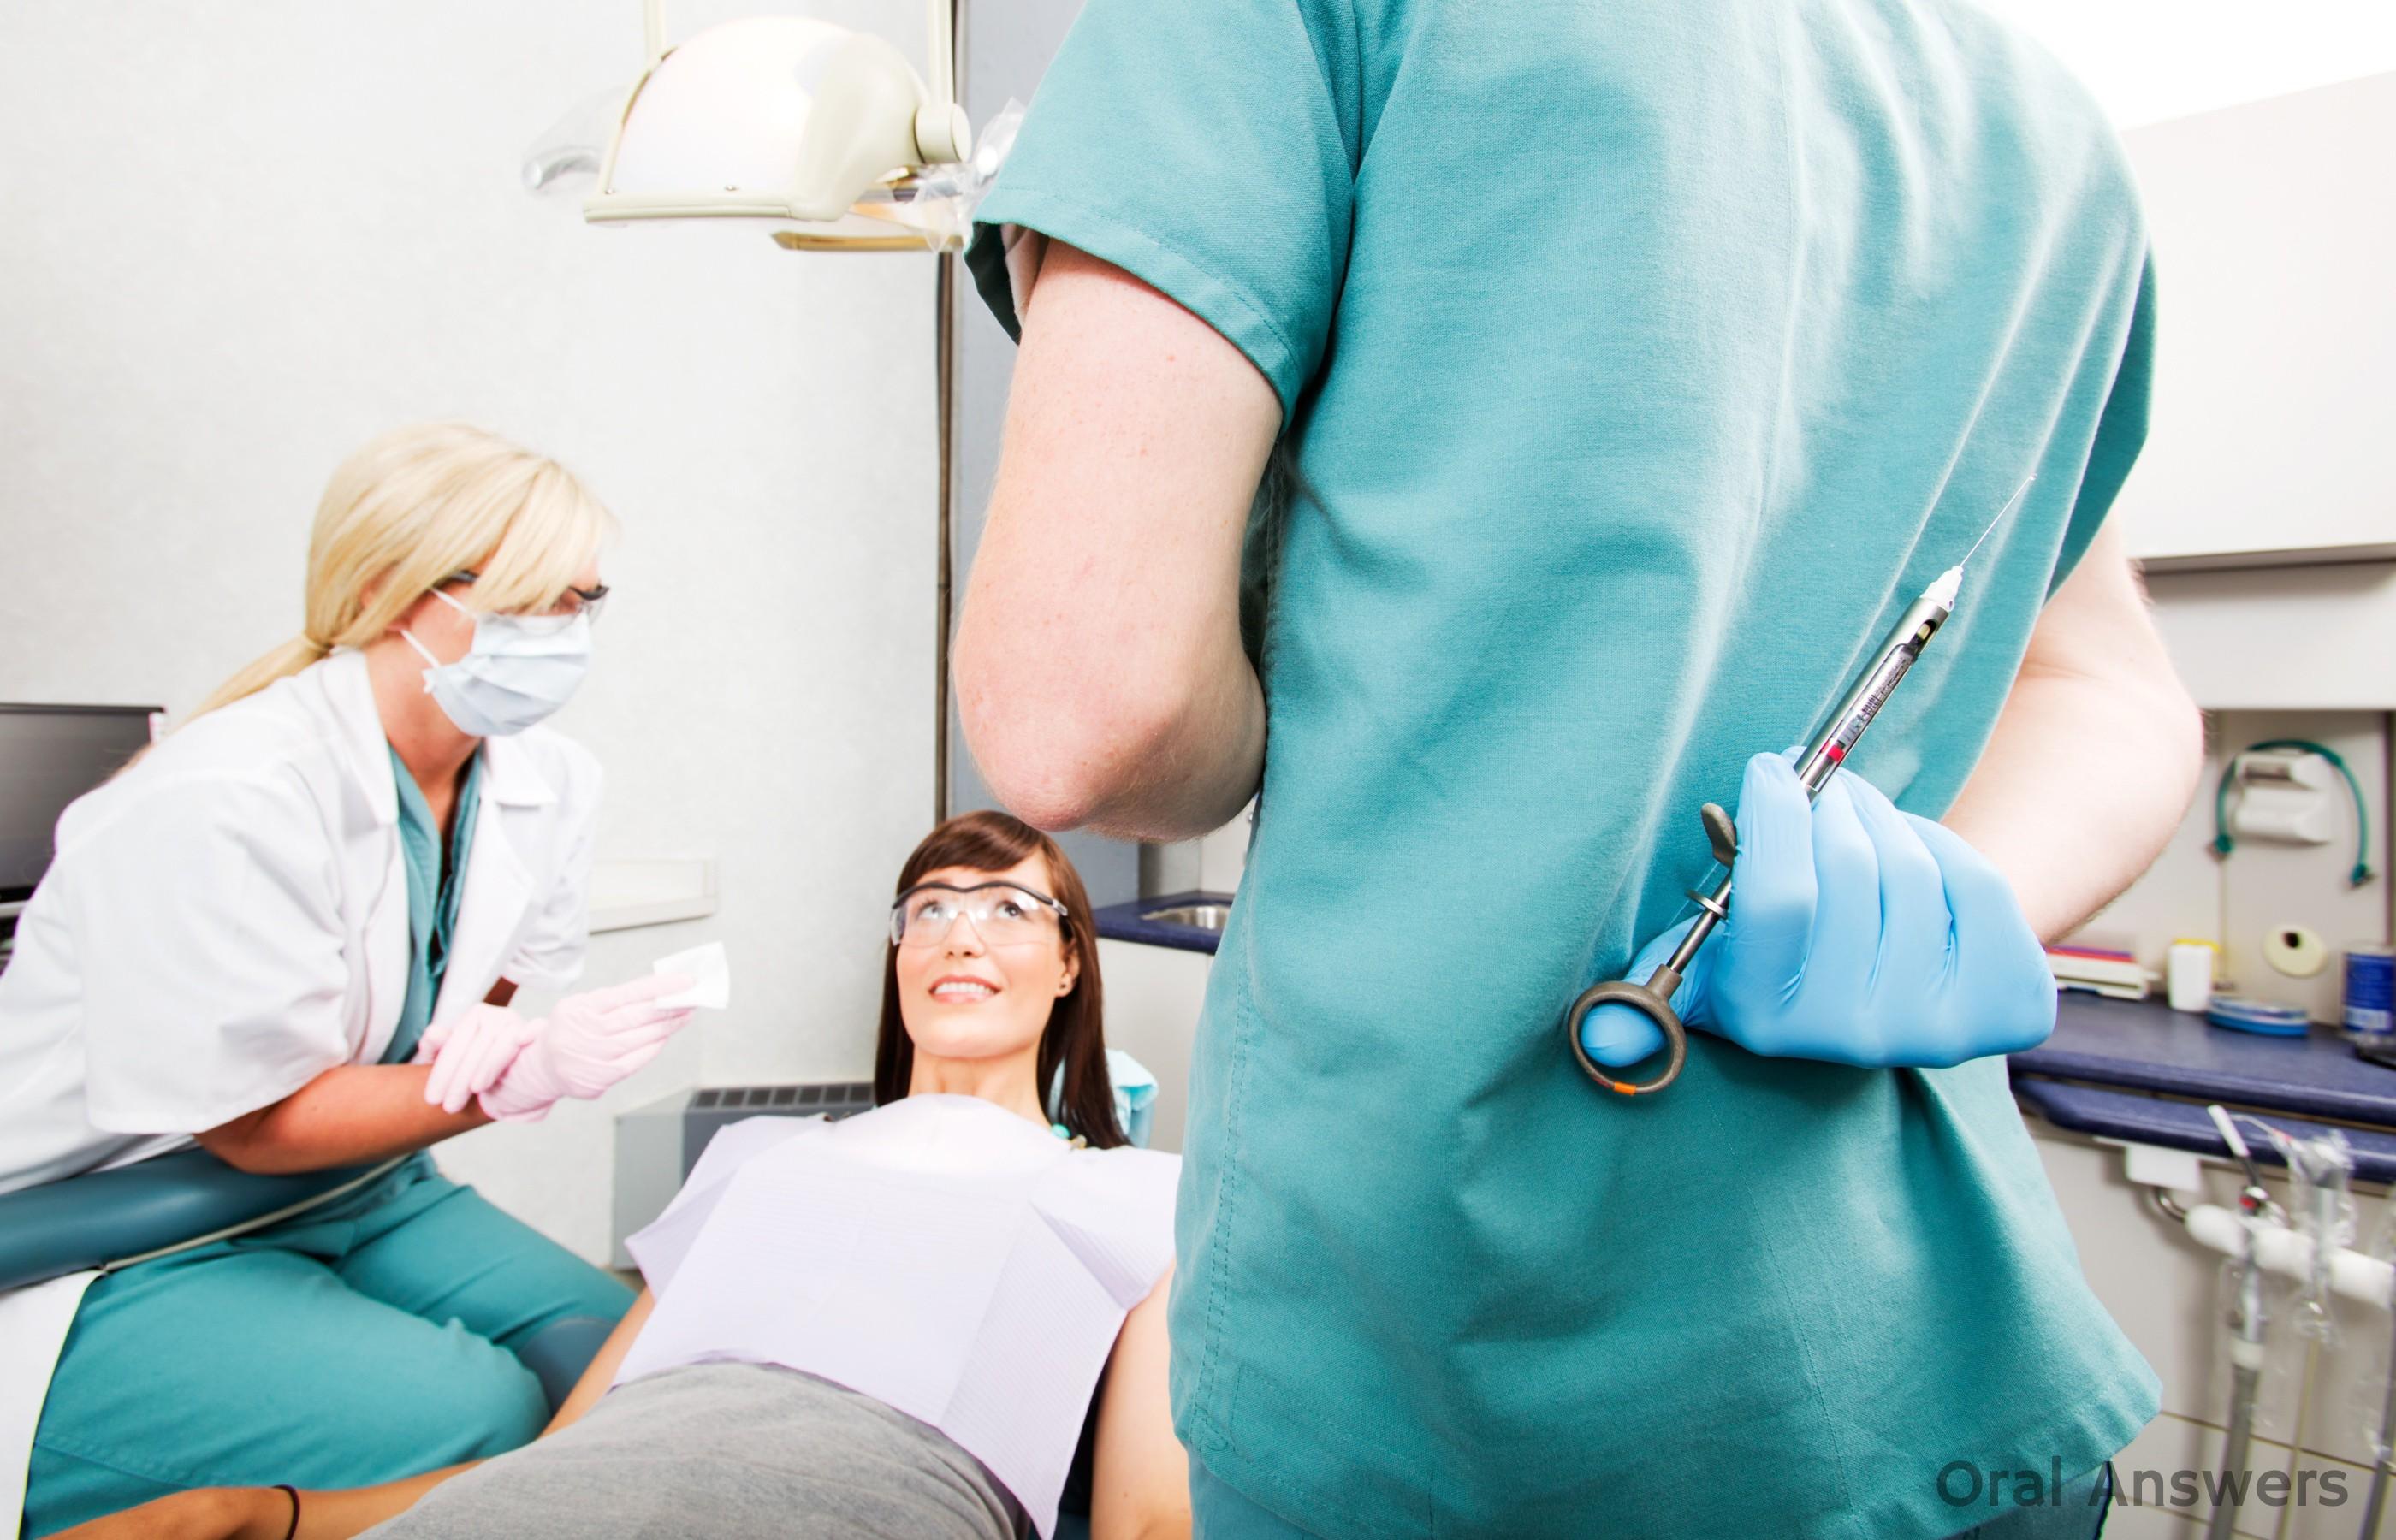 Daugiau jokių adatų pas odontologą – tik tai maža elektros srovė.